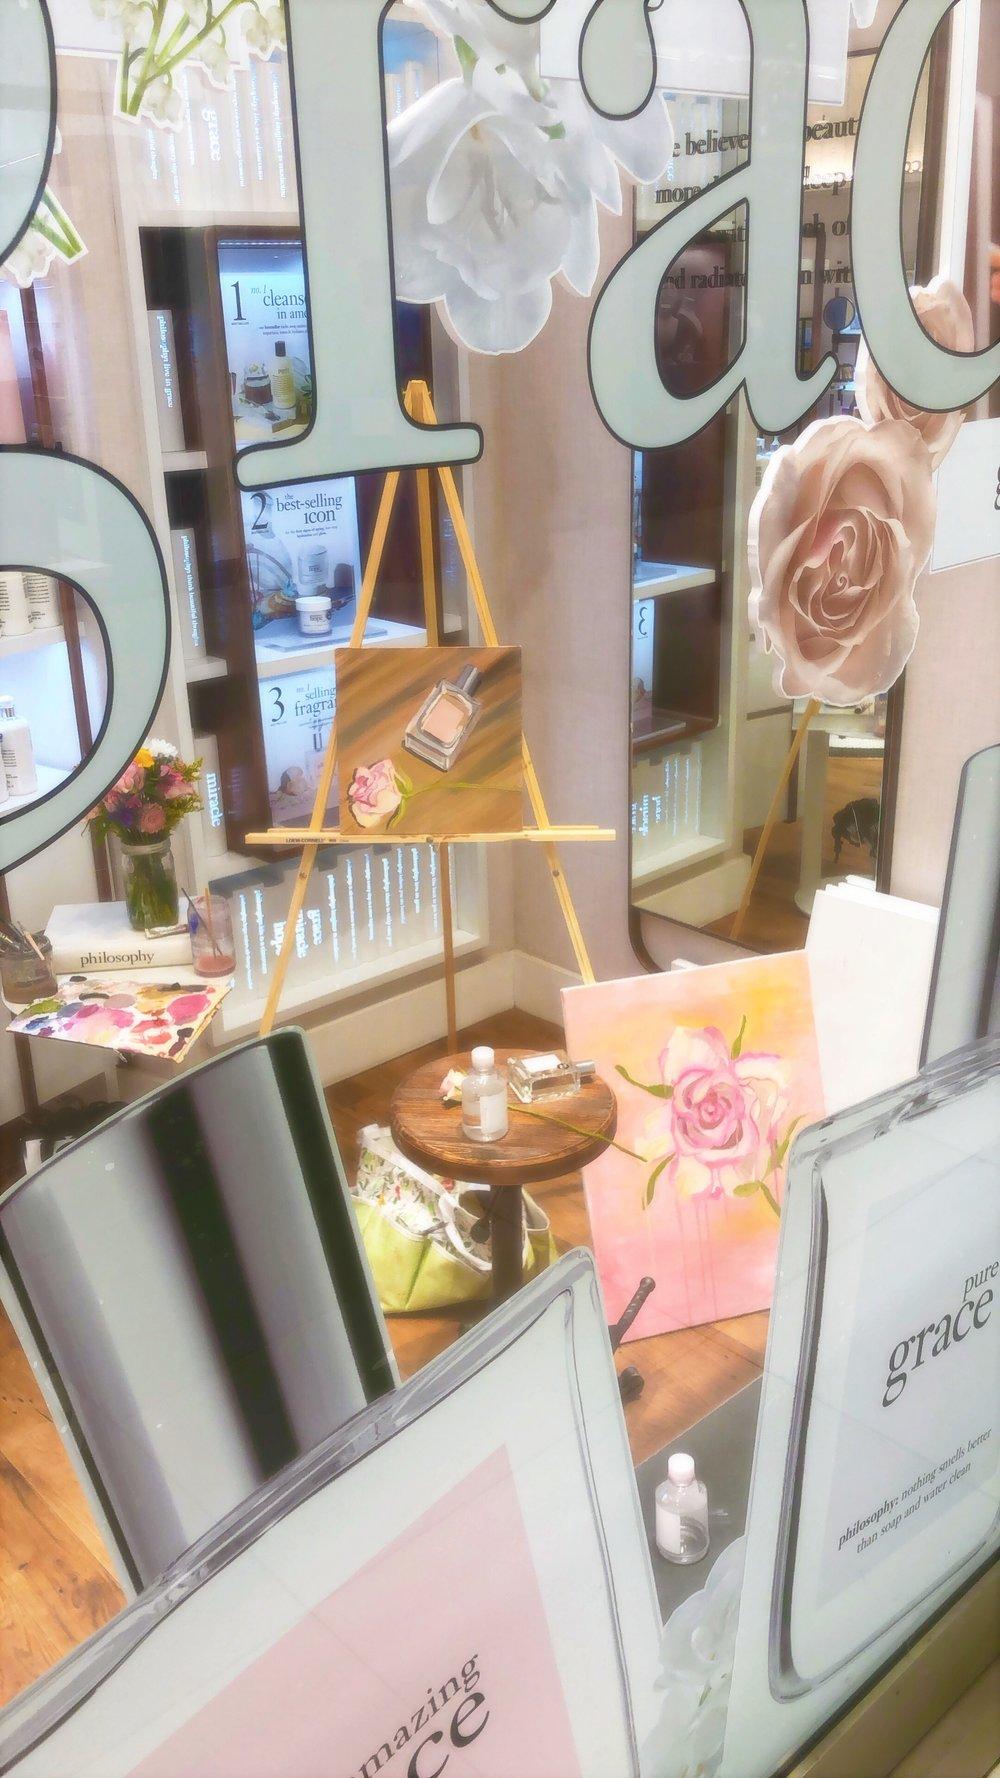 katrina-eugenia-oil-on-canvas-watercolor-painting-nyc-artist-painter-fairmount-laundry-art-philosophy-philosophy-skincare-love-philosophy-lovephilosophy-live-with-grace-amazing-grace-amazing-grace-ballet-rose-amazing-grace-nude-rose-grace-girls-garden.JPG